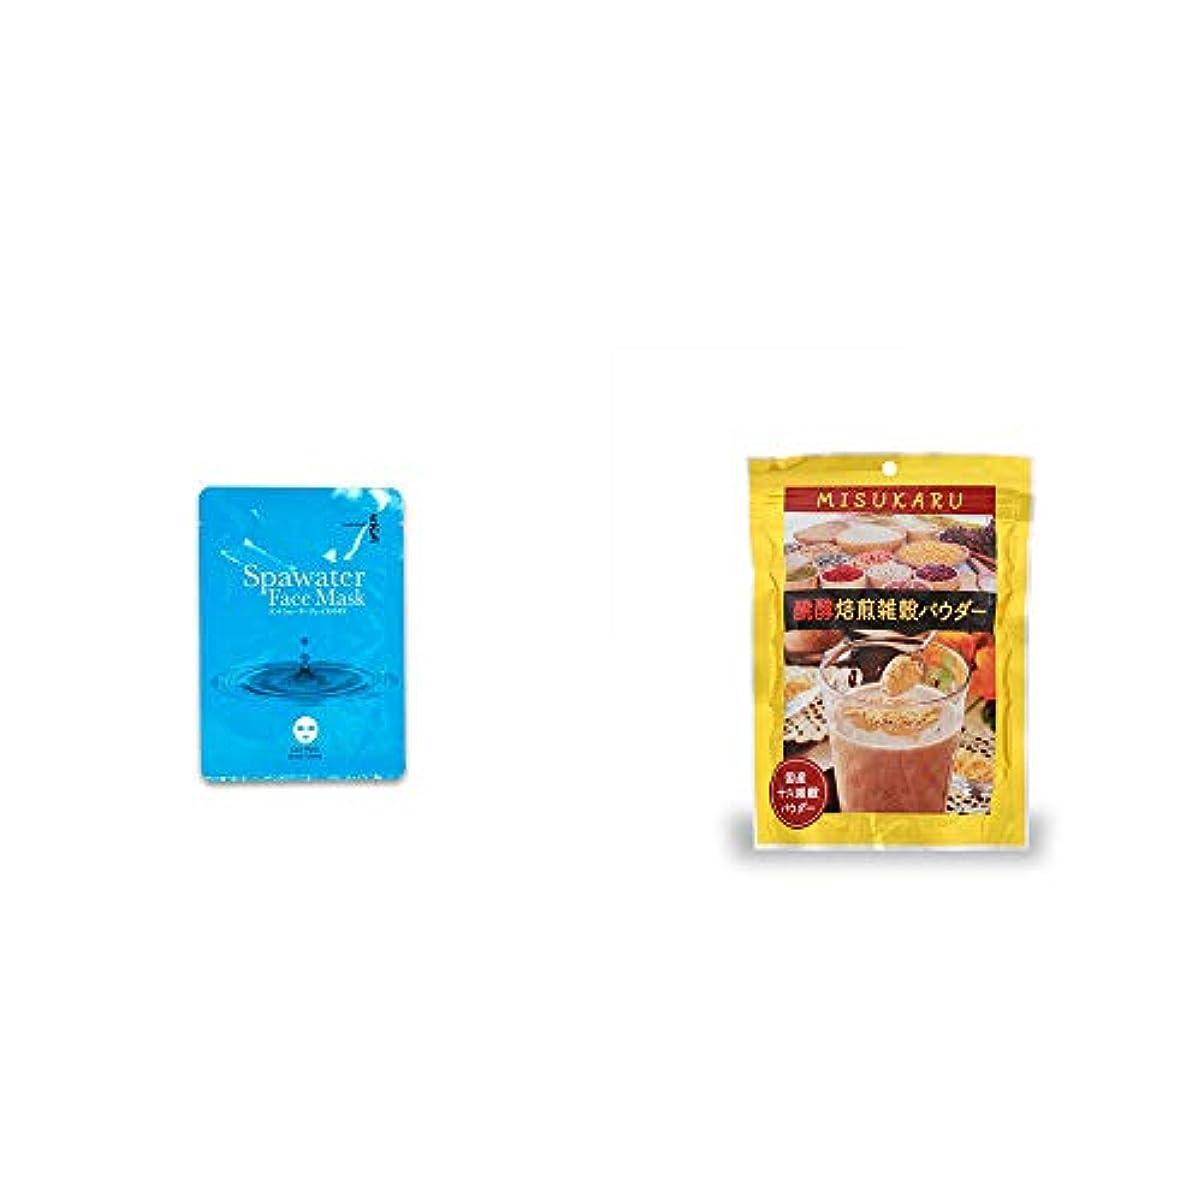 触覚にじみ出るディーラー[2点セット] ひのき炭黒泉 スパウォーターフェイスマスク(18ml×3枚入)?醗酵焙煎雑穀パウダー MISUKARU(ミスカル)(200g)